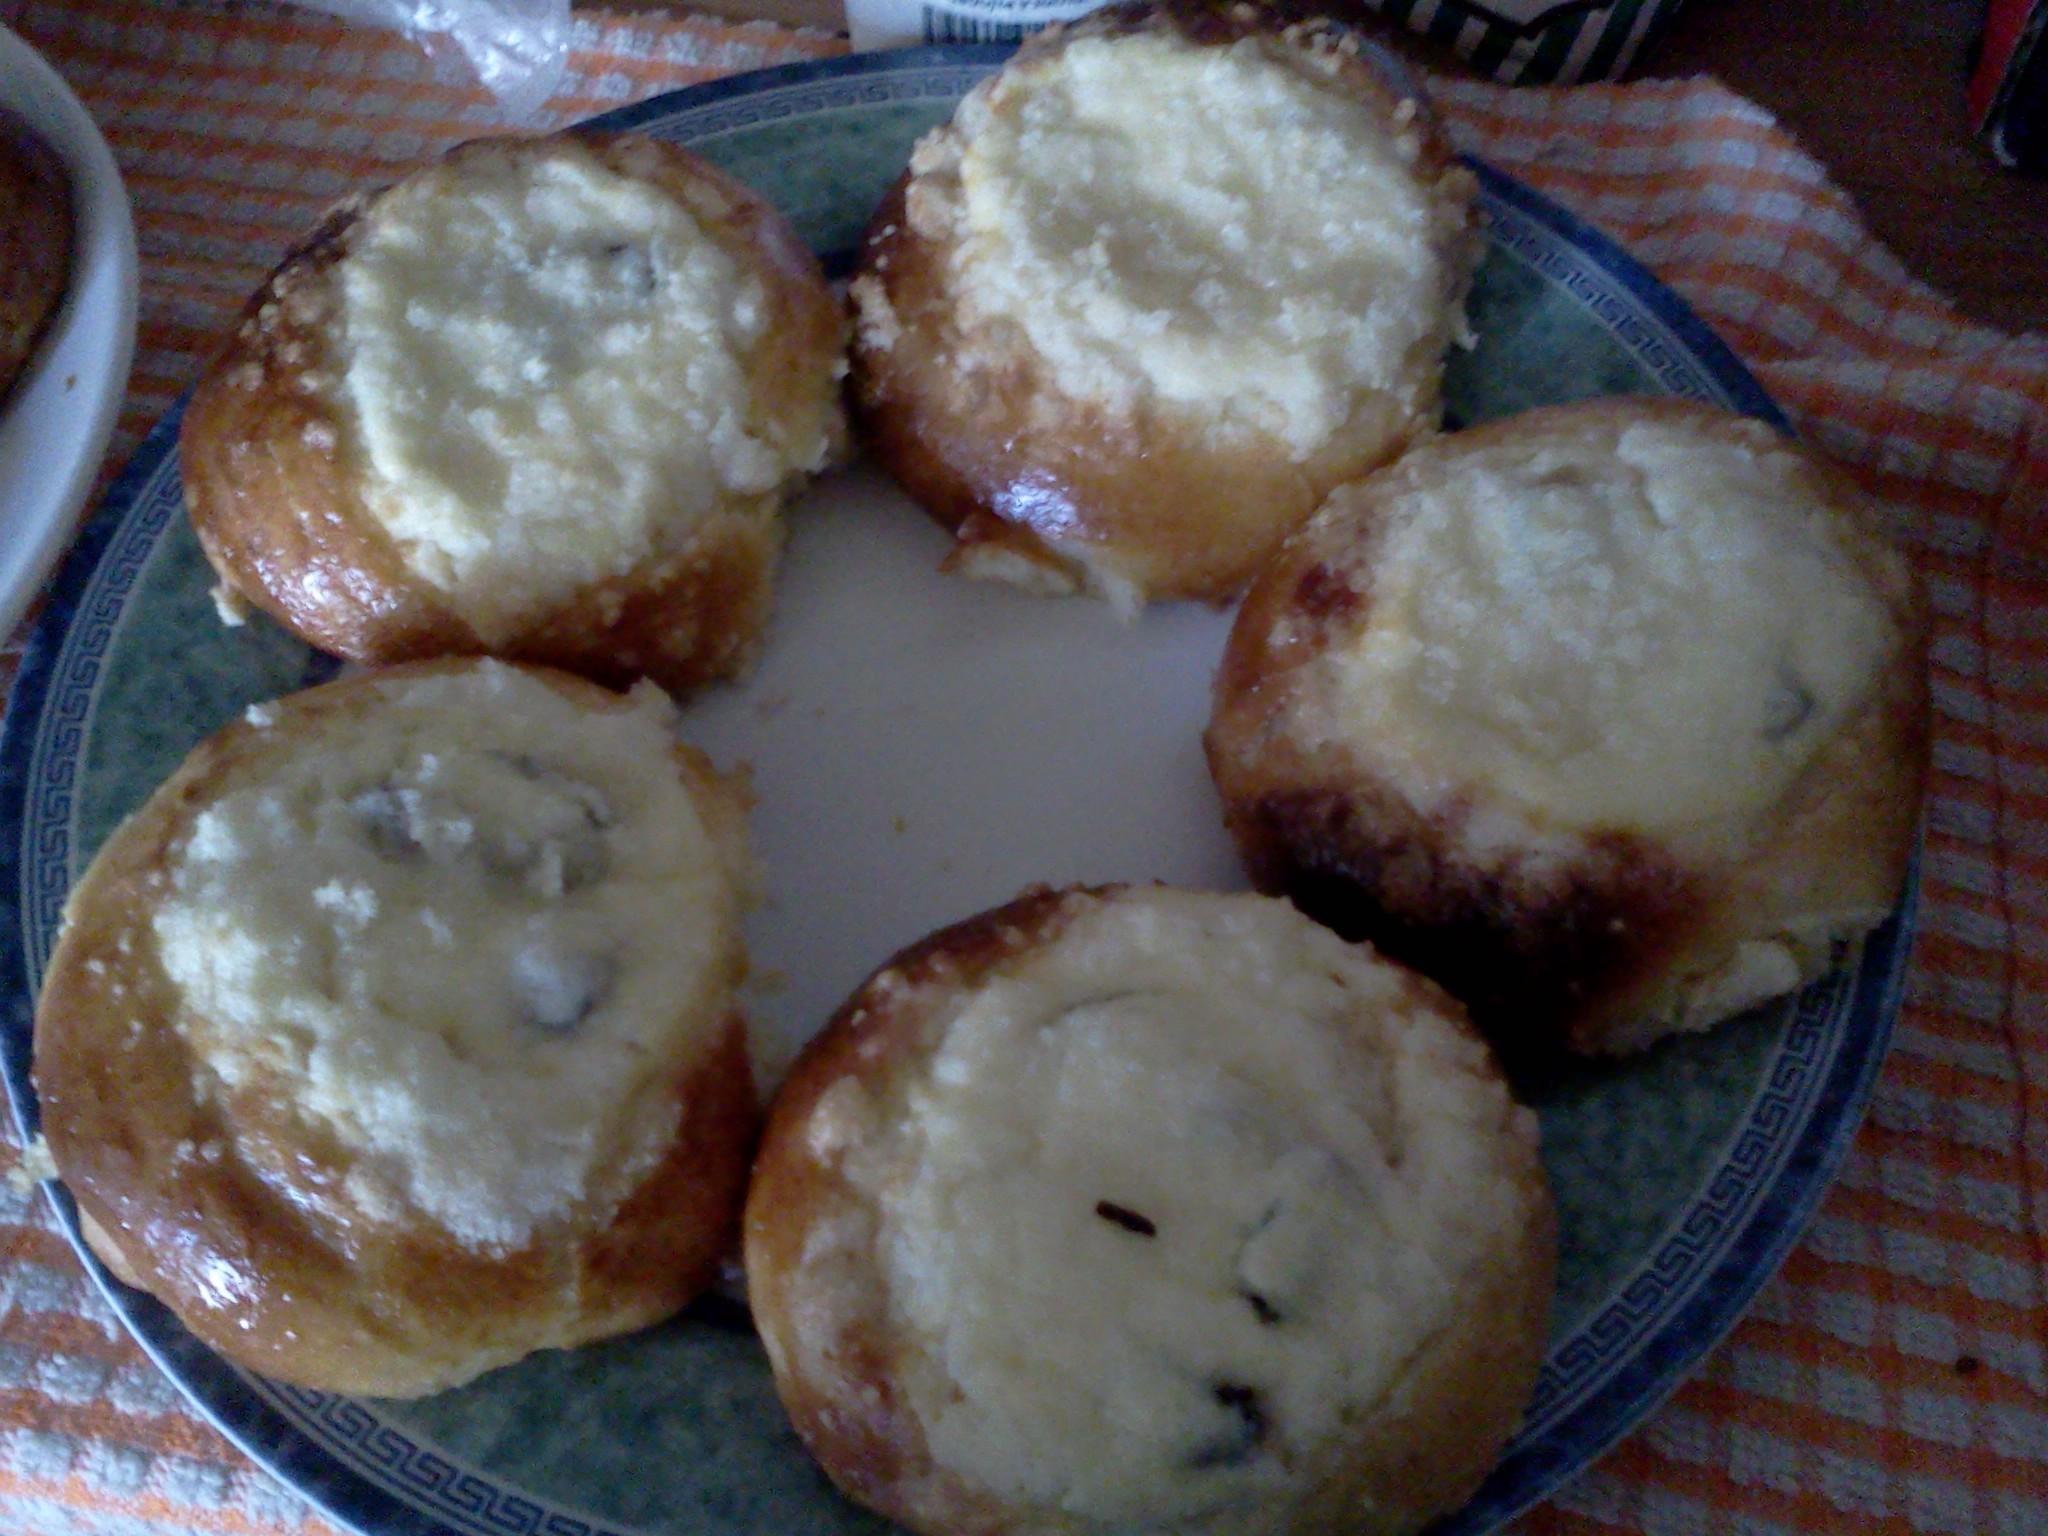 Recept Moravské kynuté koláče - Takže tohle byl můj první hokus pokus, který se celkem povedl :-)